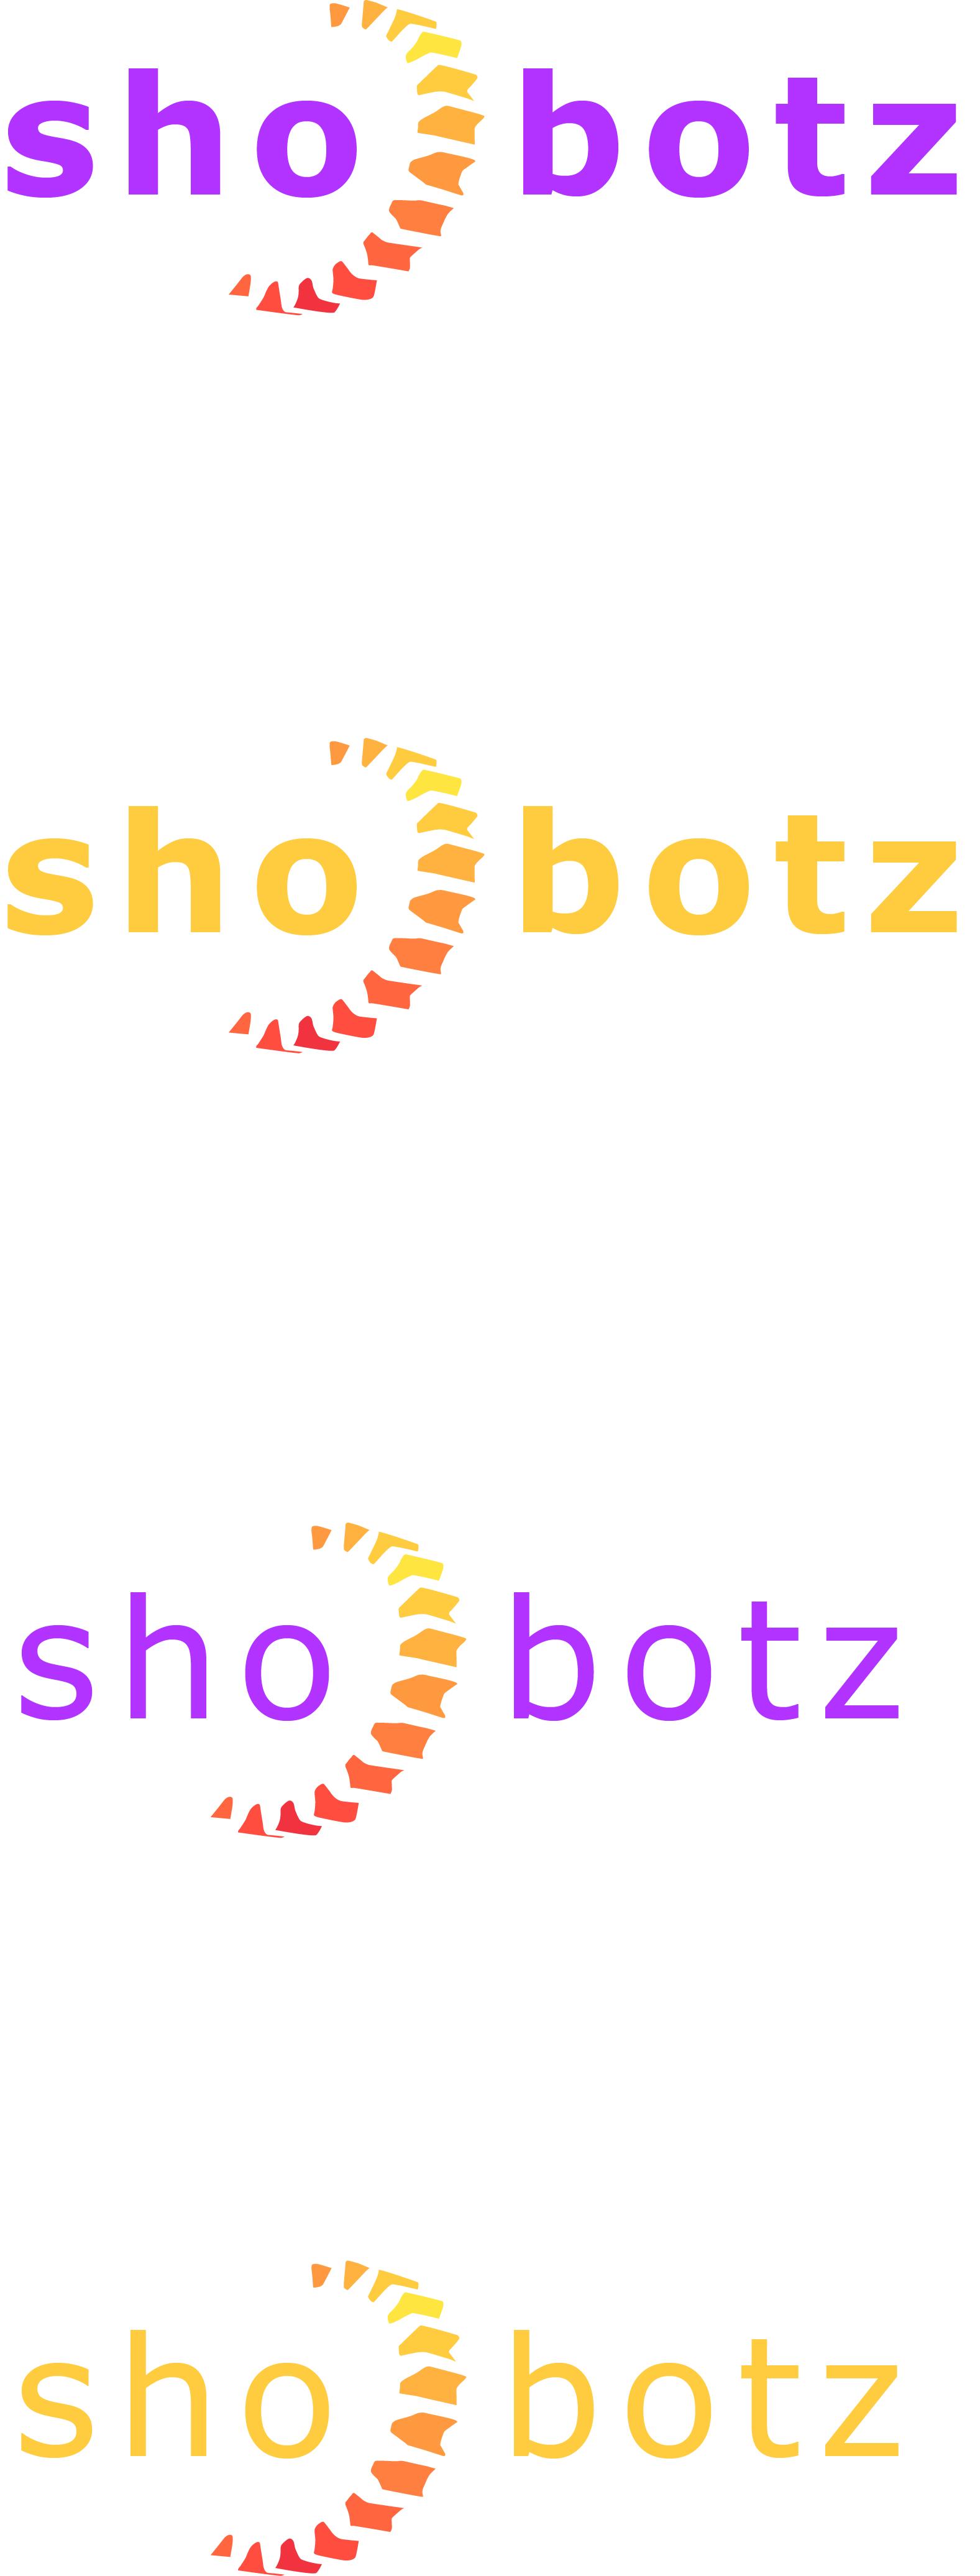 ShoBotz All.jpg